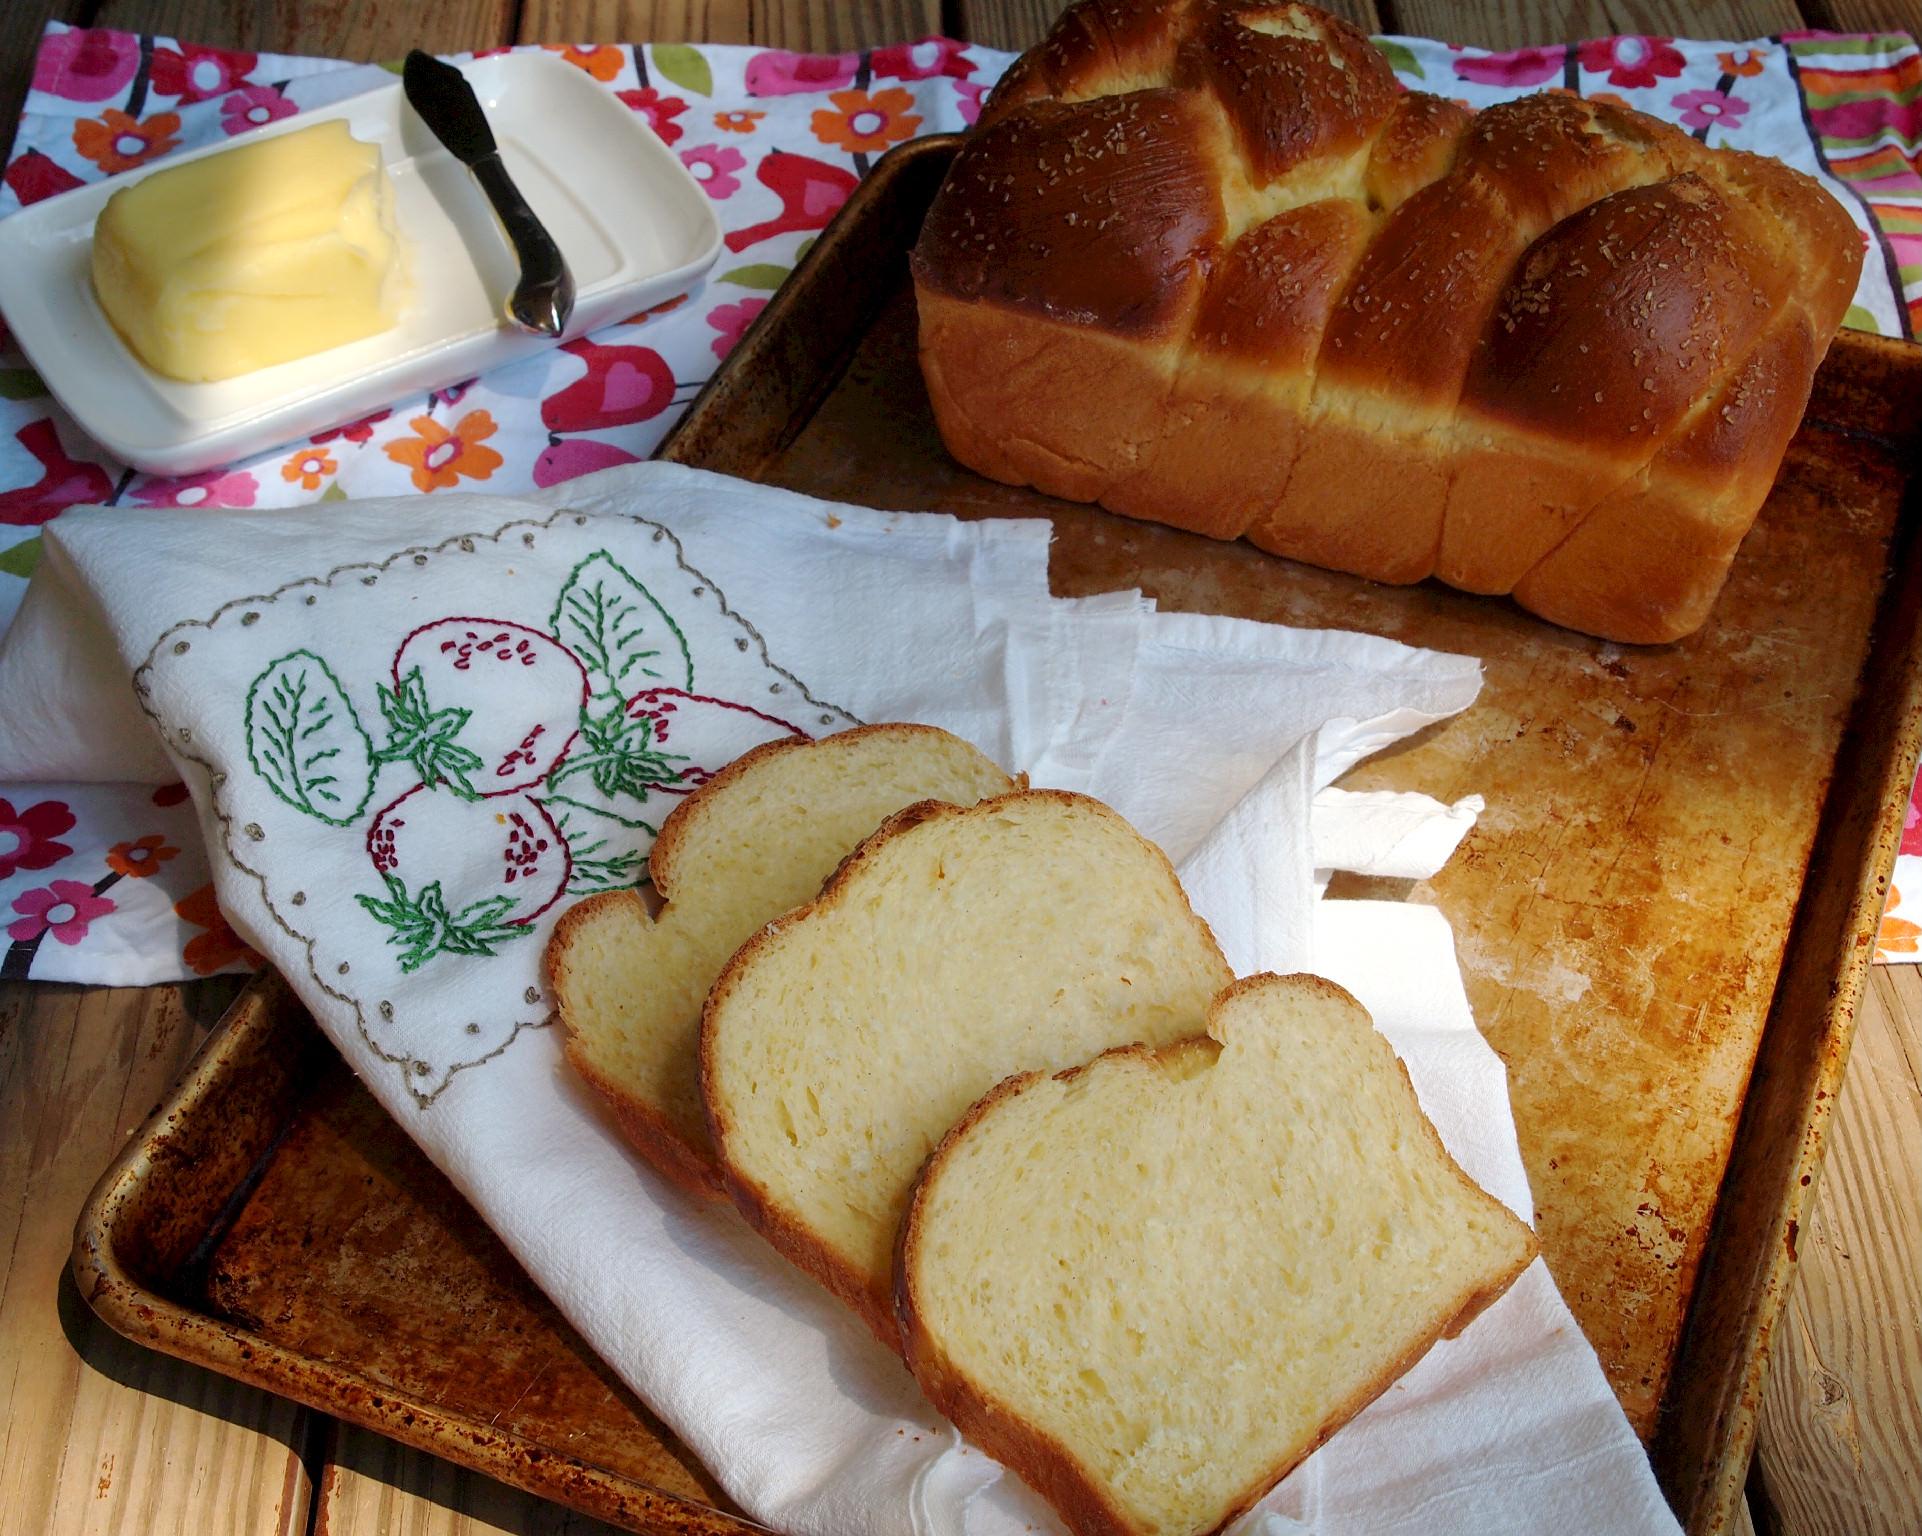 Braided Cardamom Bread via ComfortablyDomestic.com